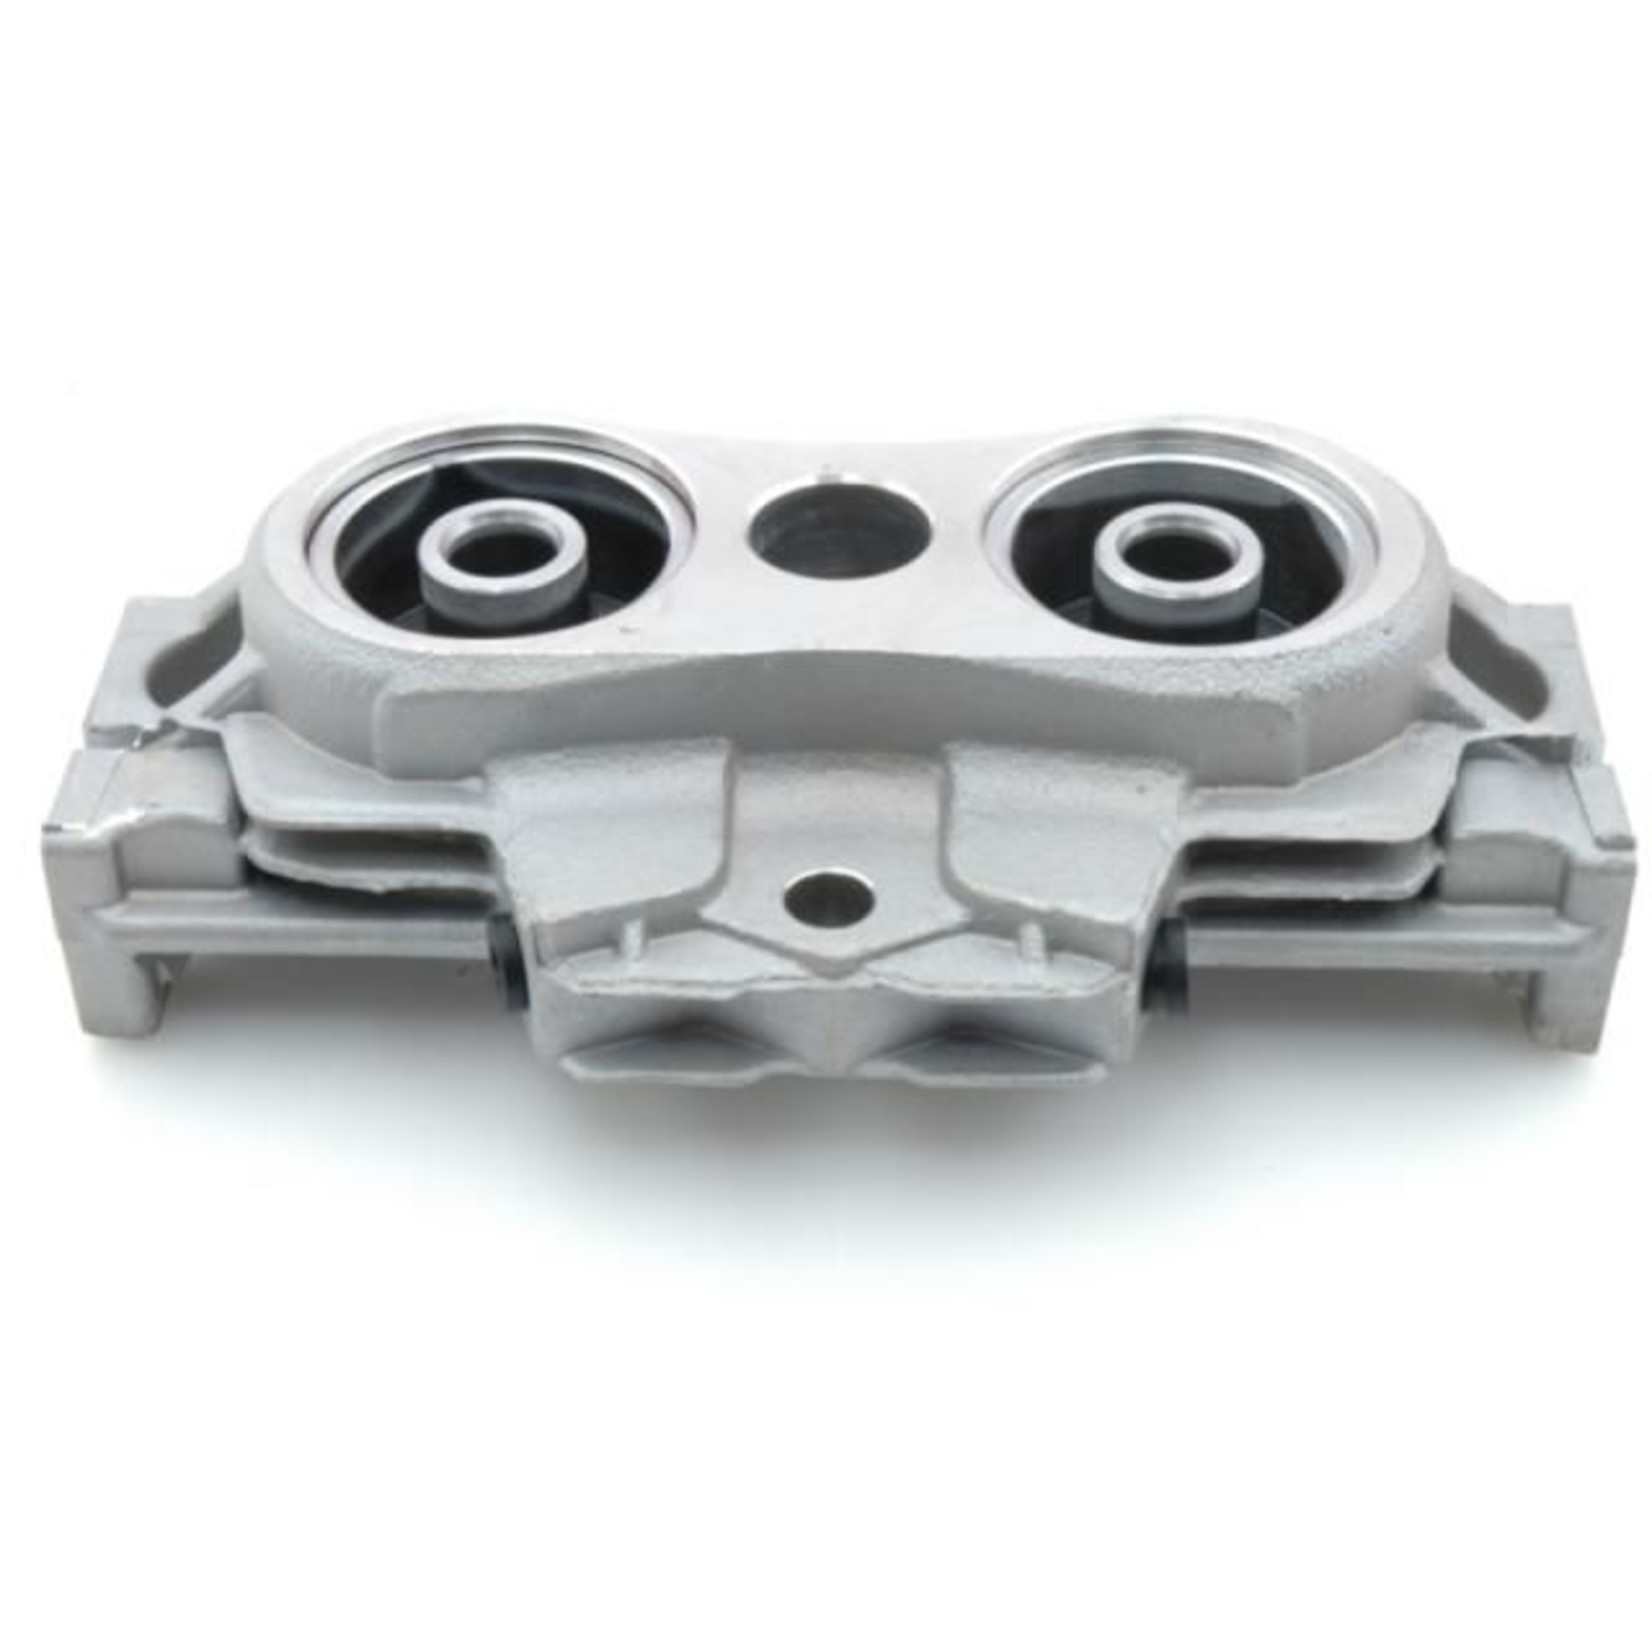 Hydraulic bloc brake housing -65 42mm Nr Org: DM453030B